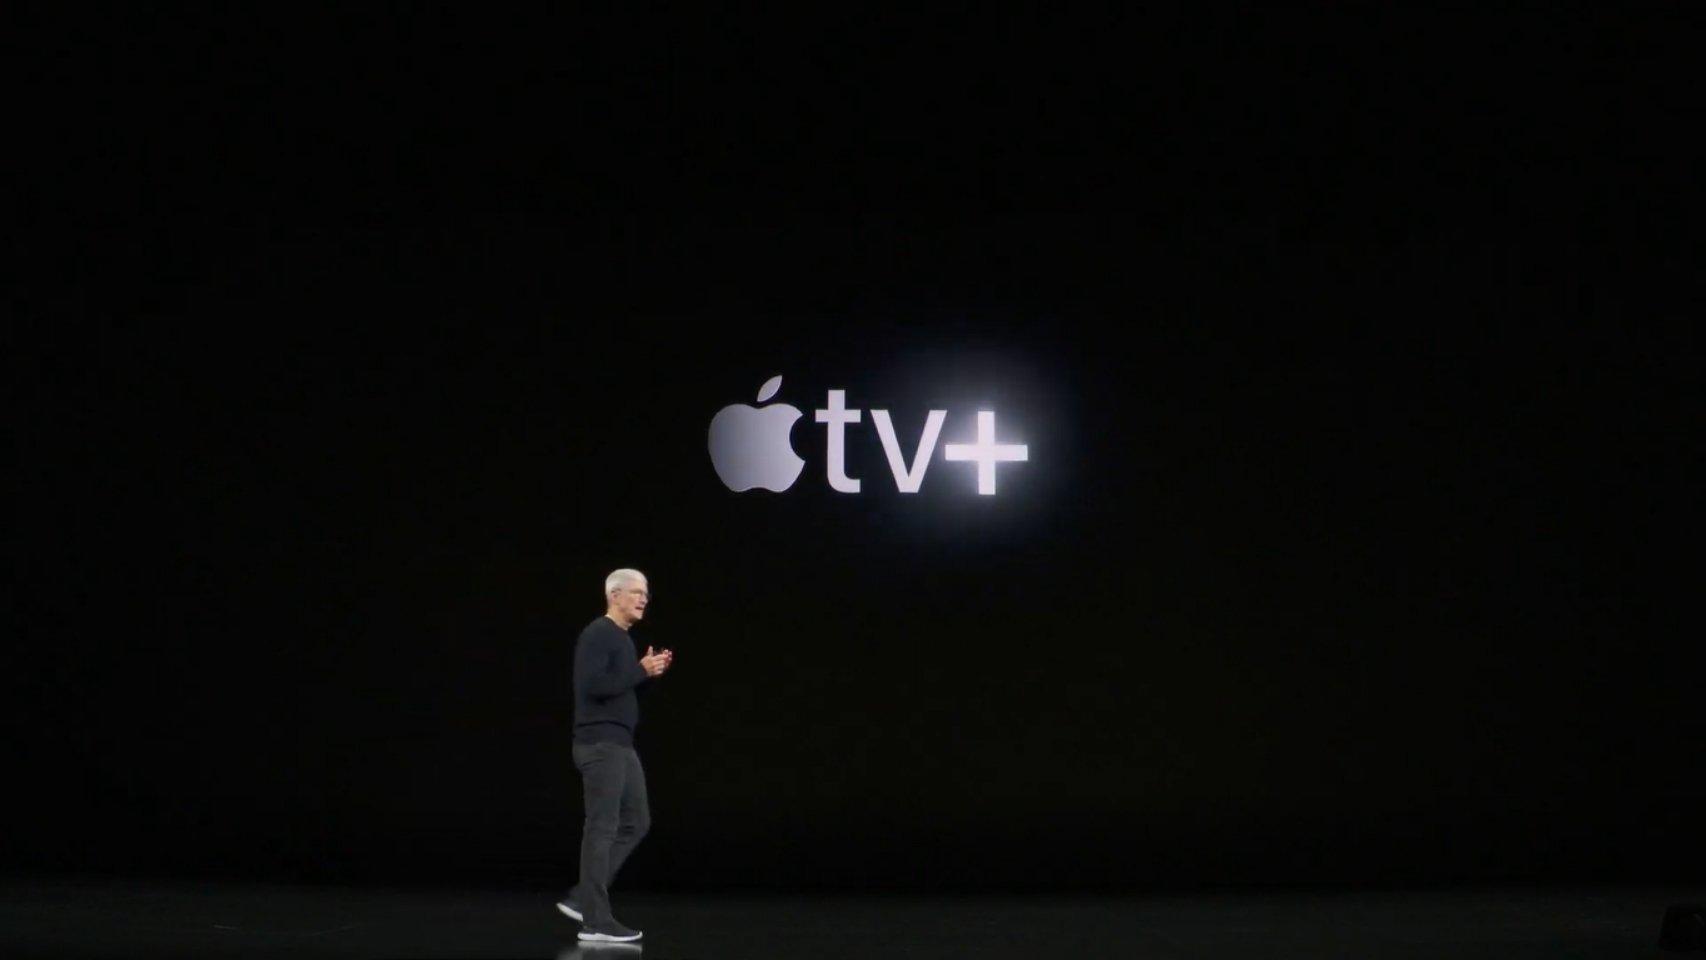 Qué paradoja: Apple se convierte en la 'low cost' de los contenidos de TV